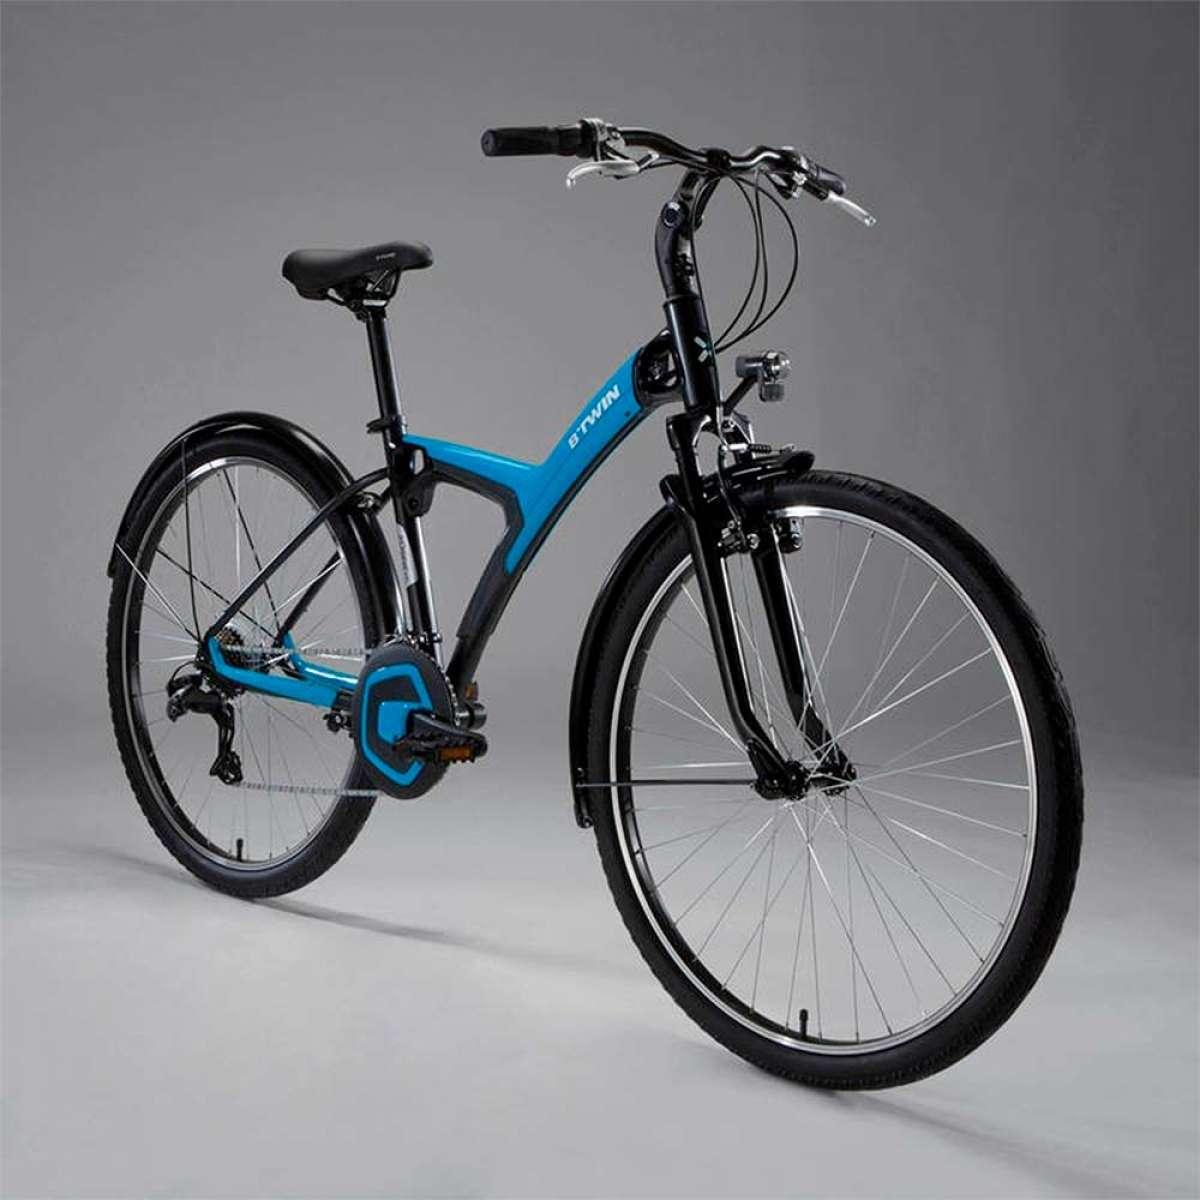 Decathlon llama a revisión las bicicletas B'Twin B'Original por un problema en el guardabarros